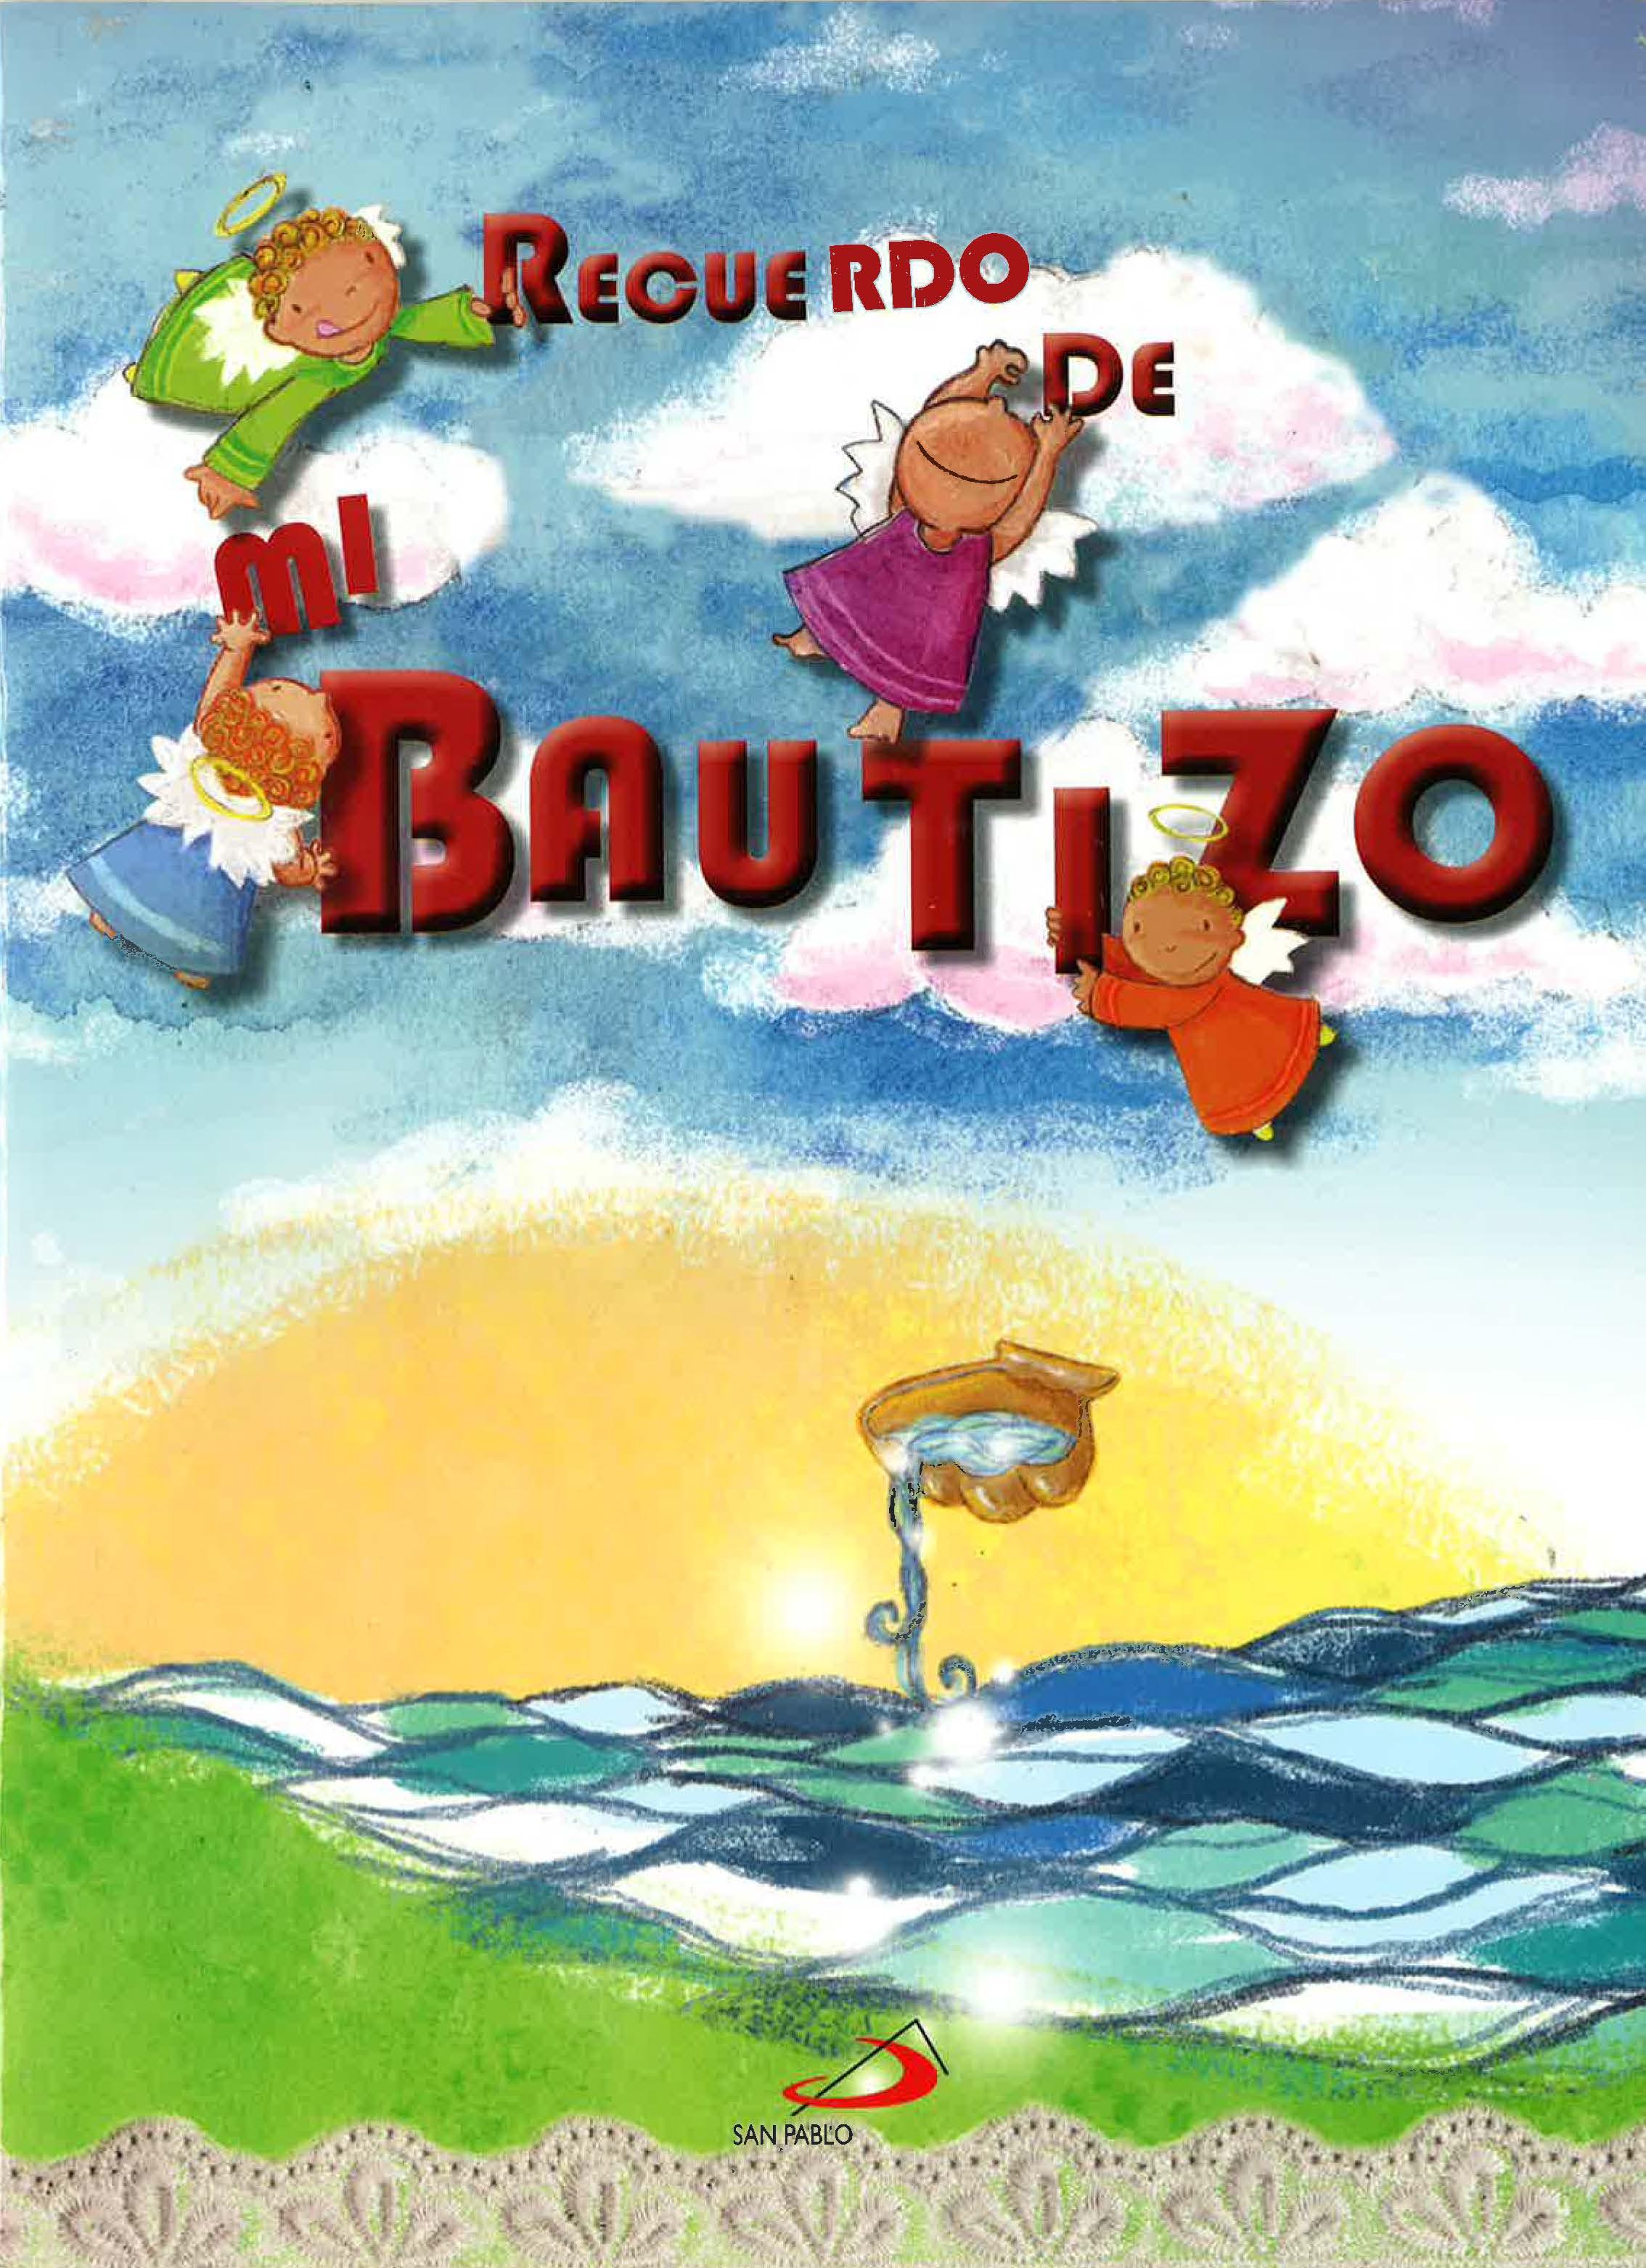 RECUERDO DE BAUTIZO